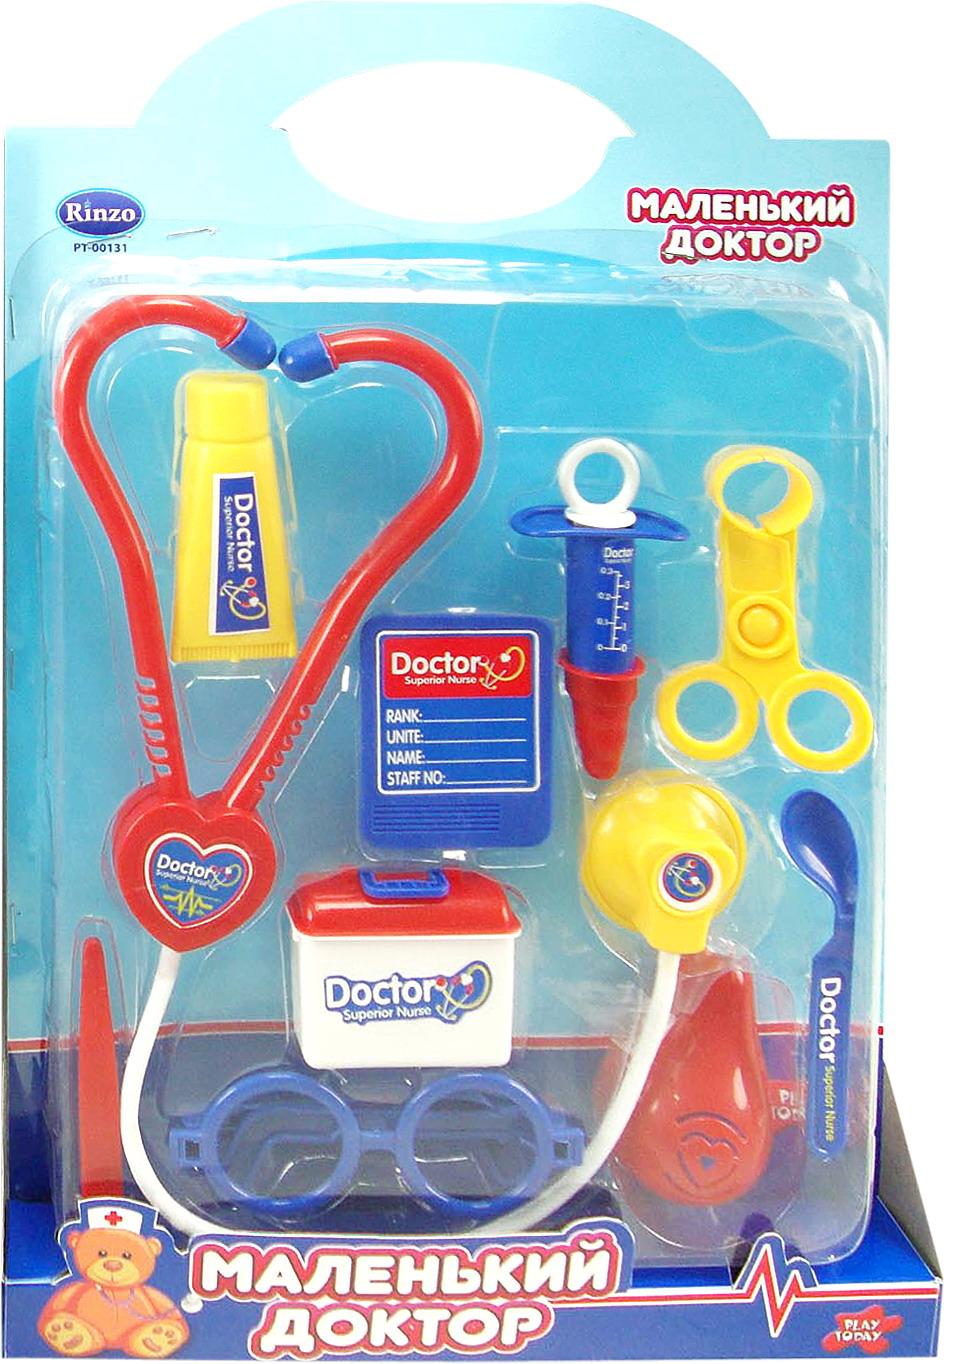 Купить Игровой набор доктора на 10 предметов серии Маленький доктор, ABtoys